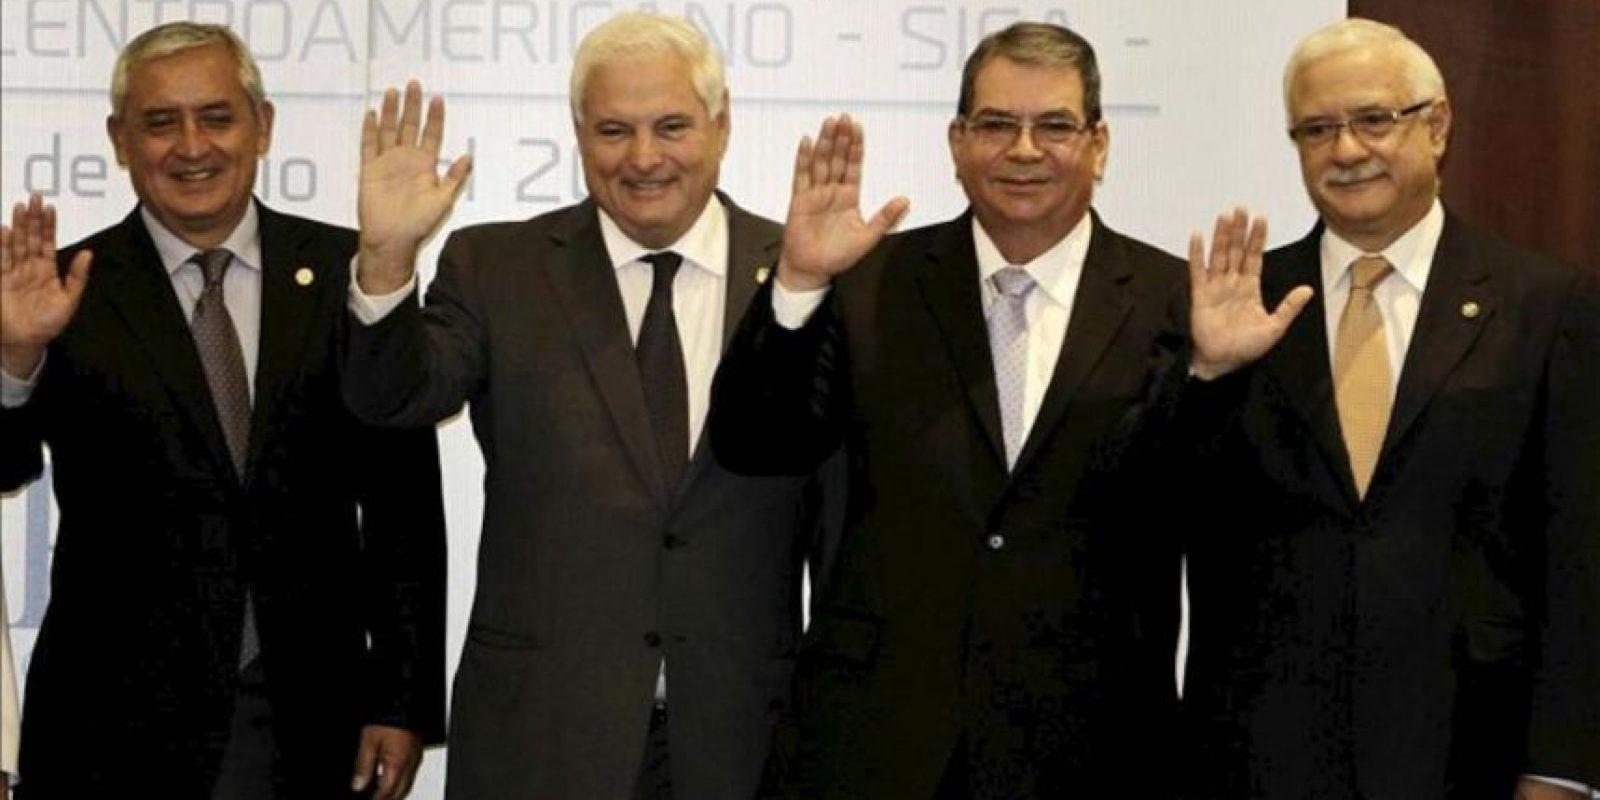 De izquierda a derecha, el presidente de Guatemala, Otto Pérez; el presidente de Panamá, Ricardo Martinelli; el vicepresidente de Nicaragua, Moisés Omar Halleslevens y el secretario general del SICA, Juan Daniel Alemán, posan durante la cumbre del Sistema de Integración Centroamericana (SICA) en San José (Costa Rica). EFE